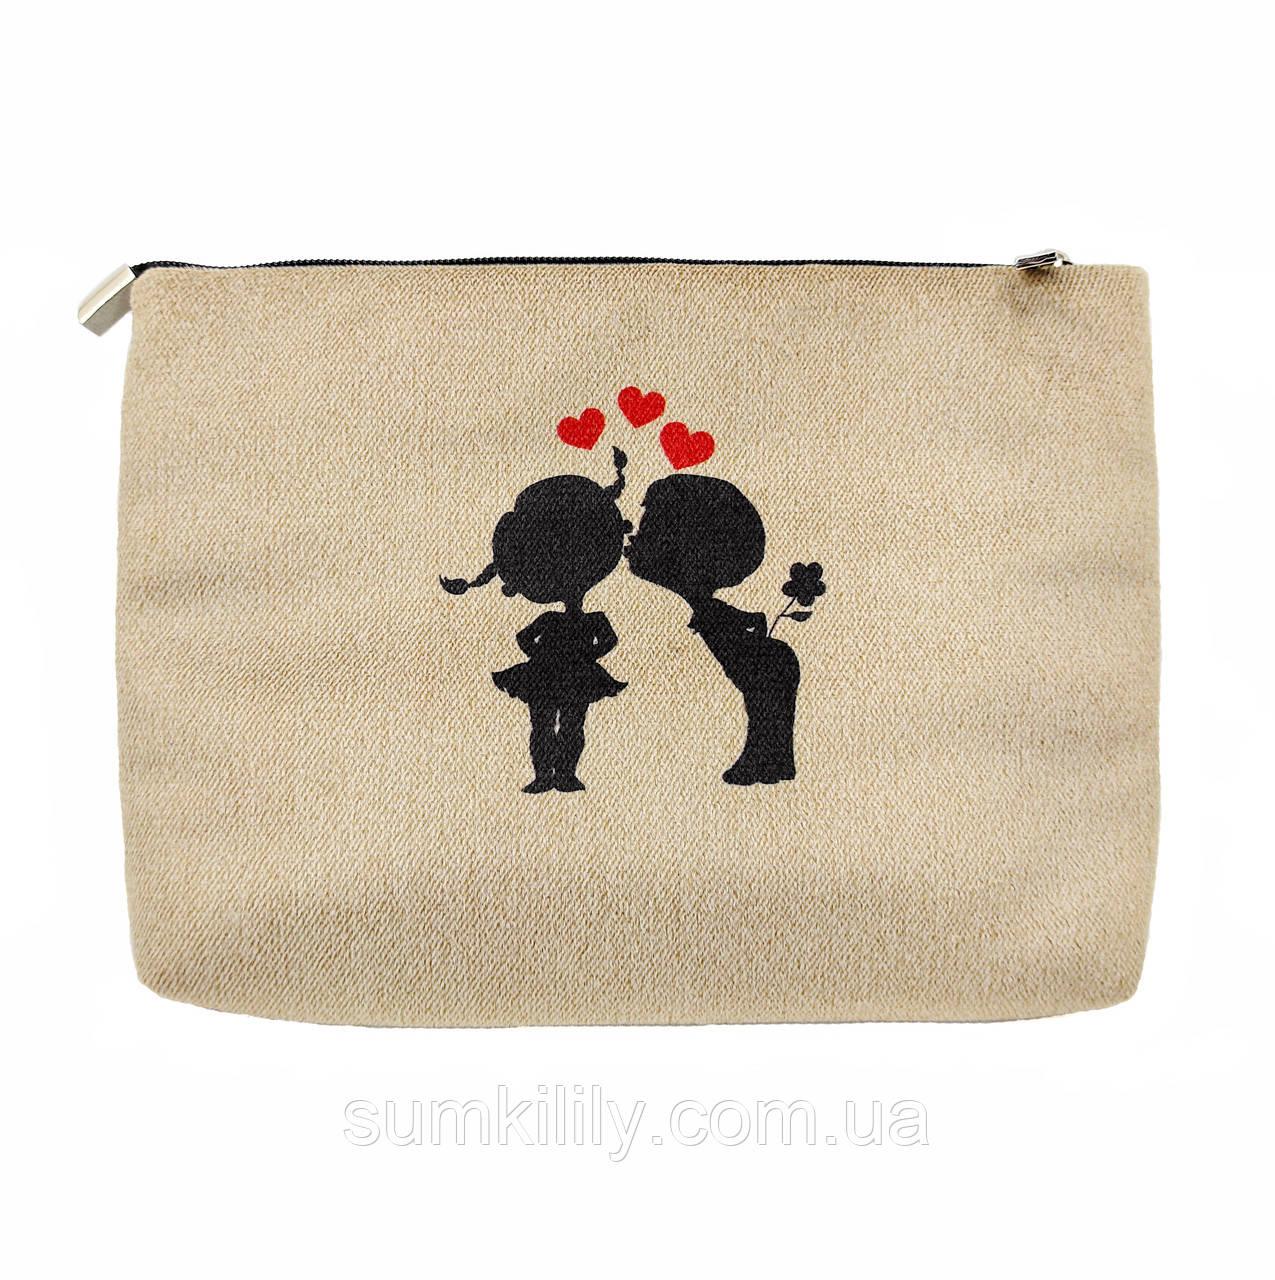 Жіноча сумочка клатч няшкі з метеликами